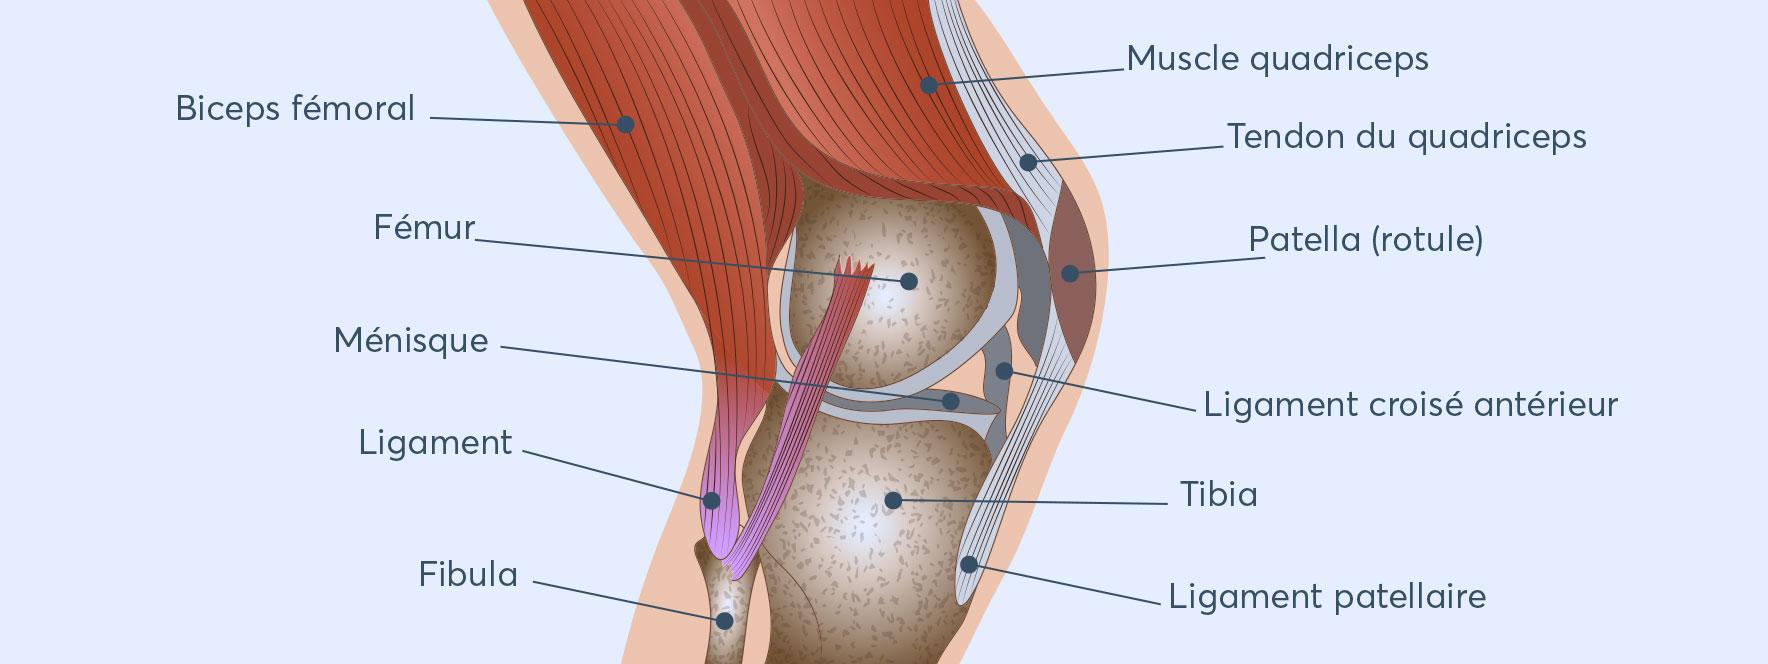 Anatomie genou - Blogue du Réseau des massothérapeutes